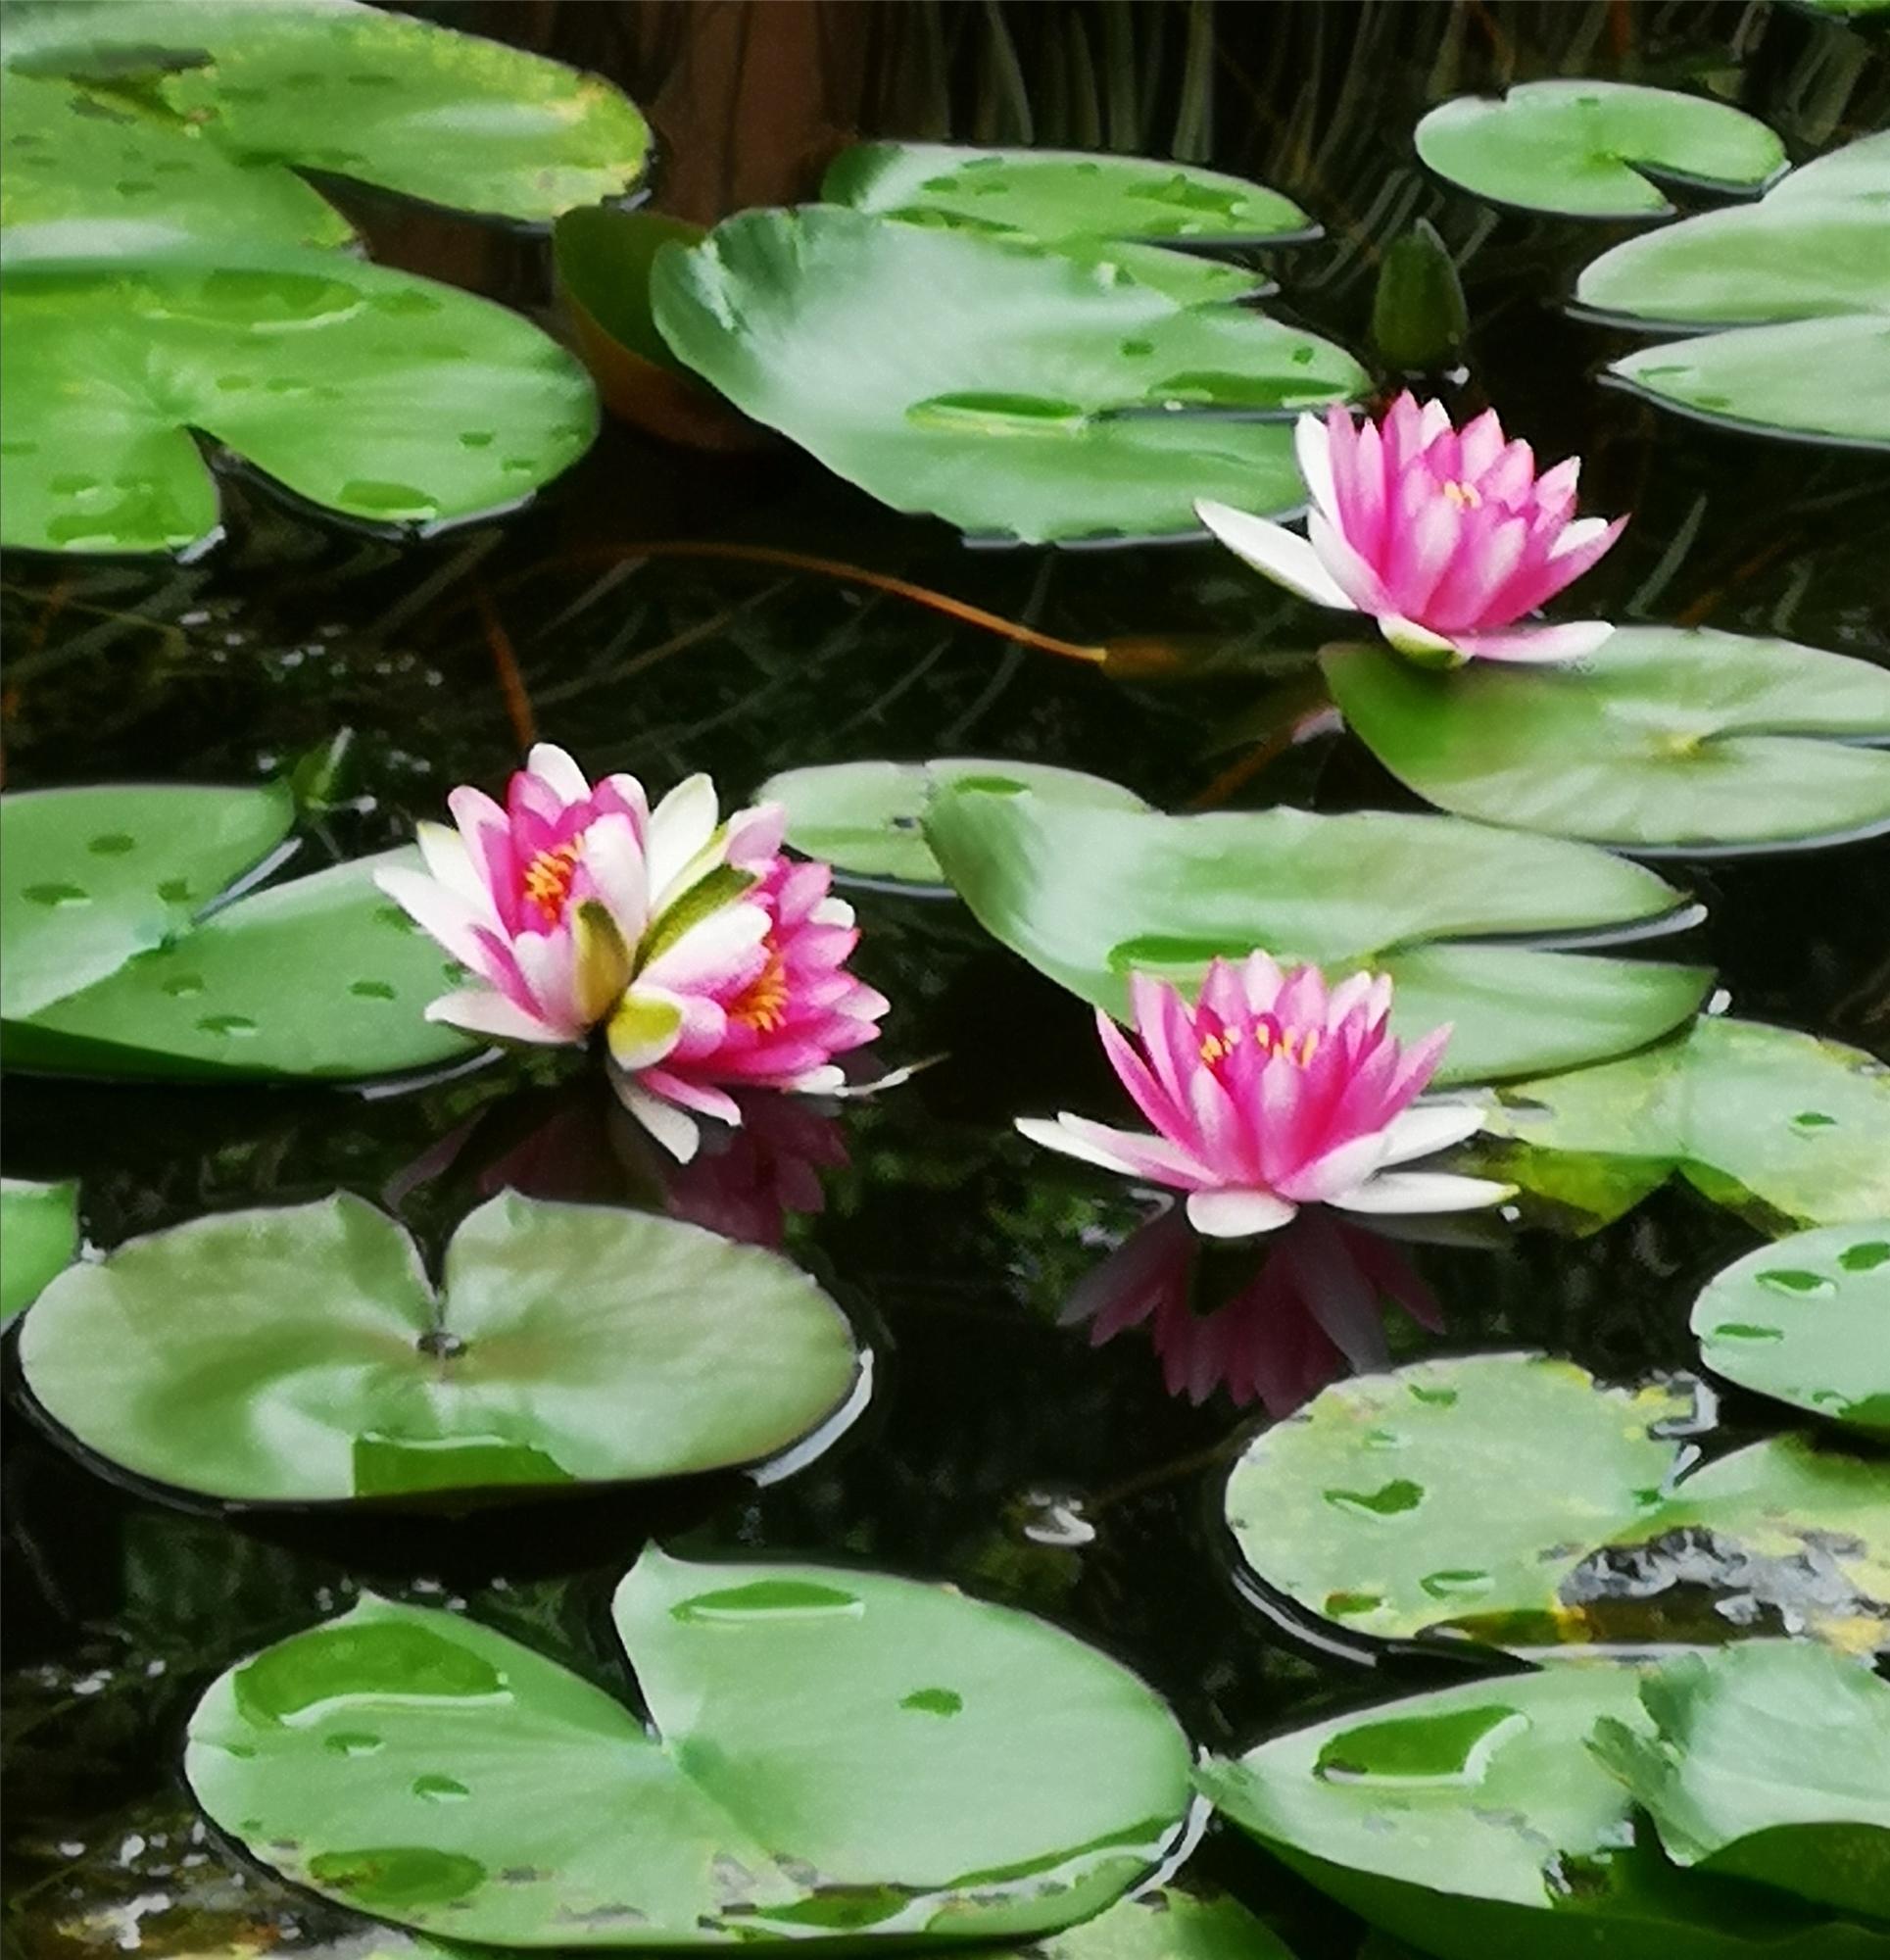 十万分之一的幸运!江浦公园出现一株并蒂莲,但想来观赏的游客且慢……